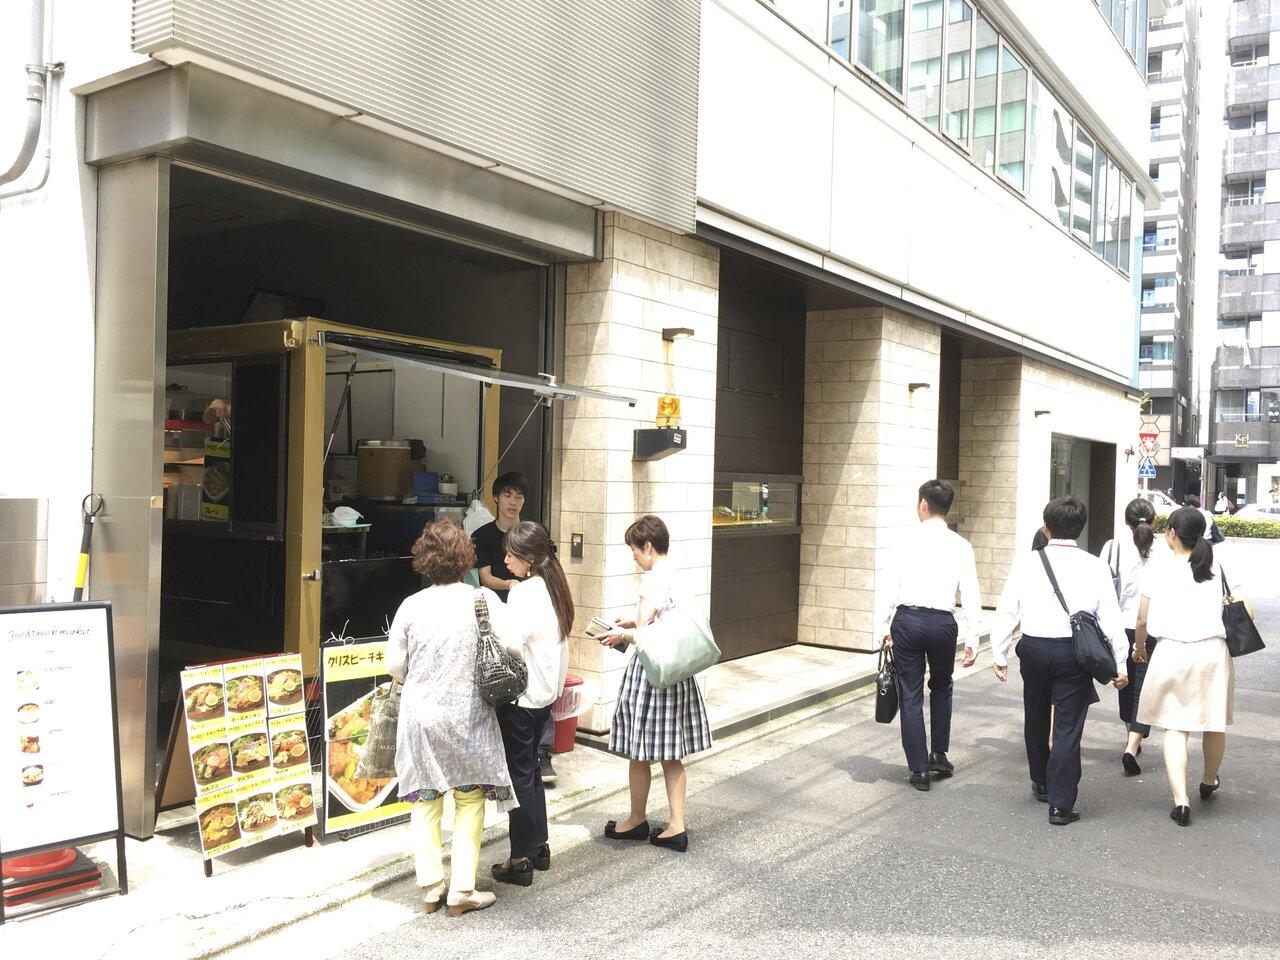 ビルの空きスペースで営業するキッチンカー